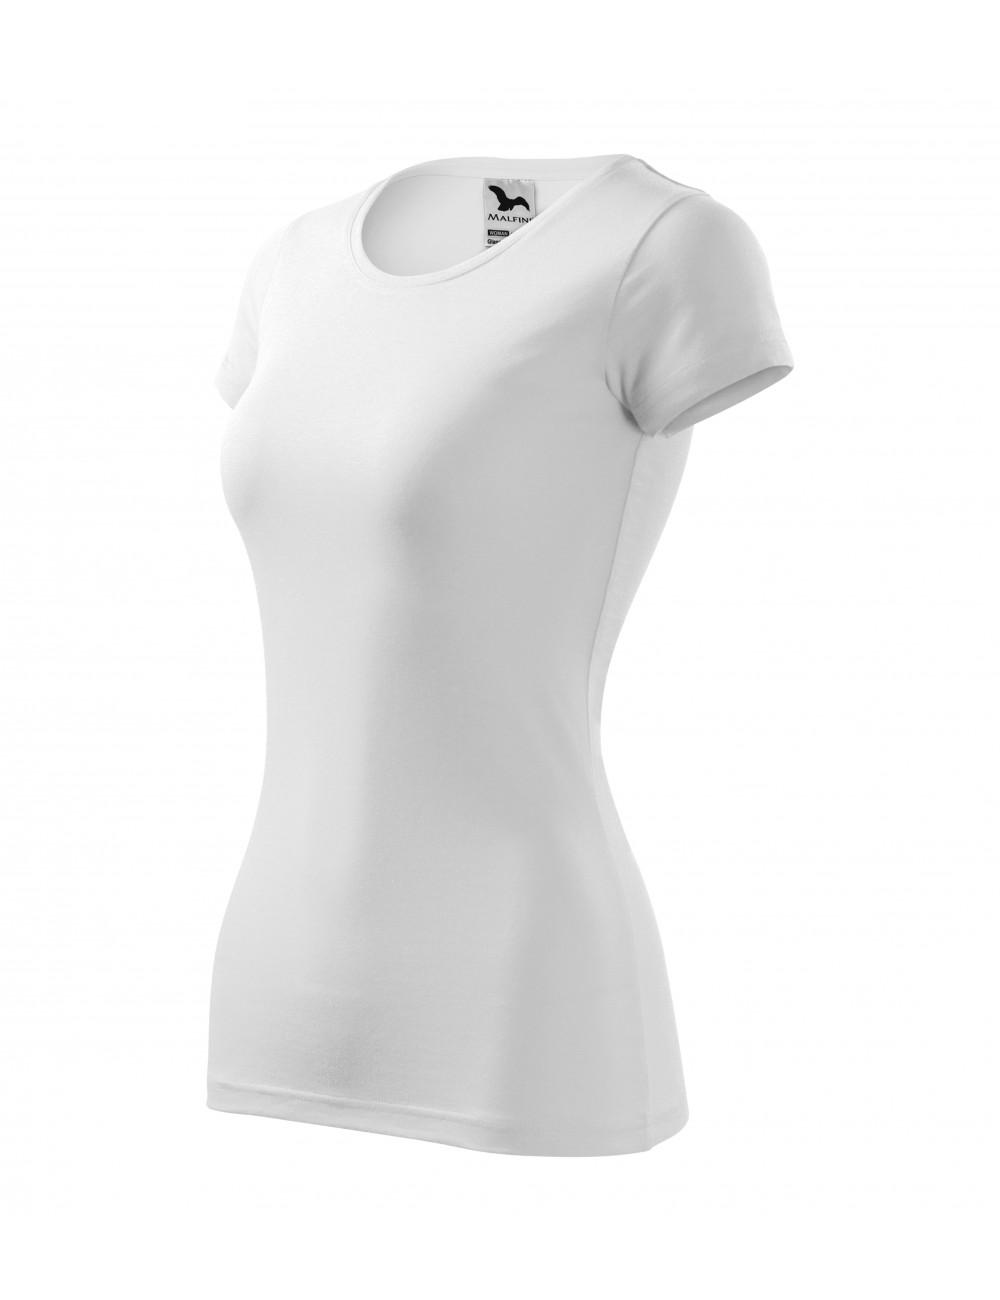 Adler MALFINI Koszulka damska Glance 141 biały